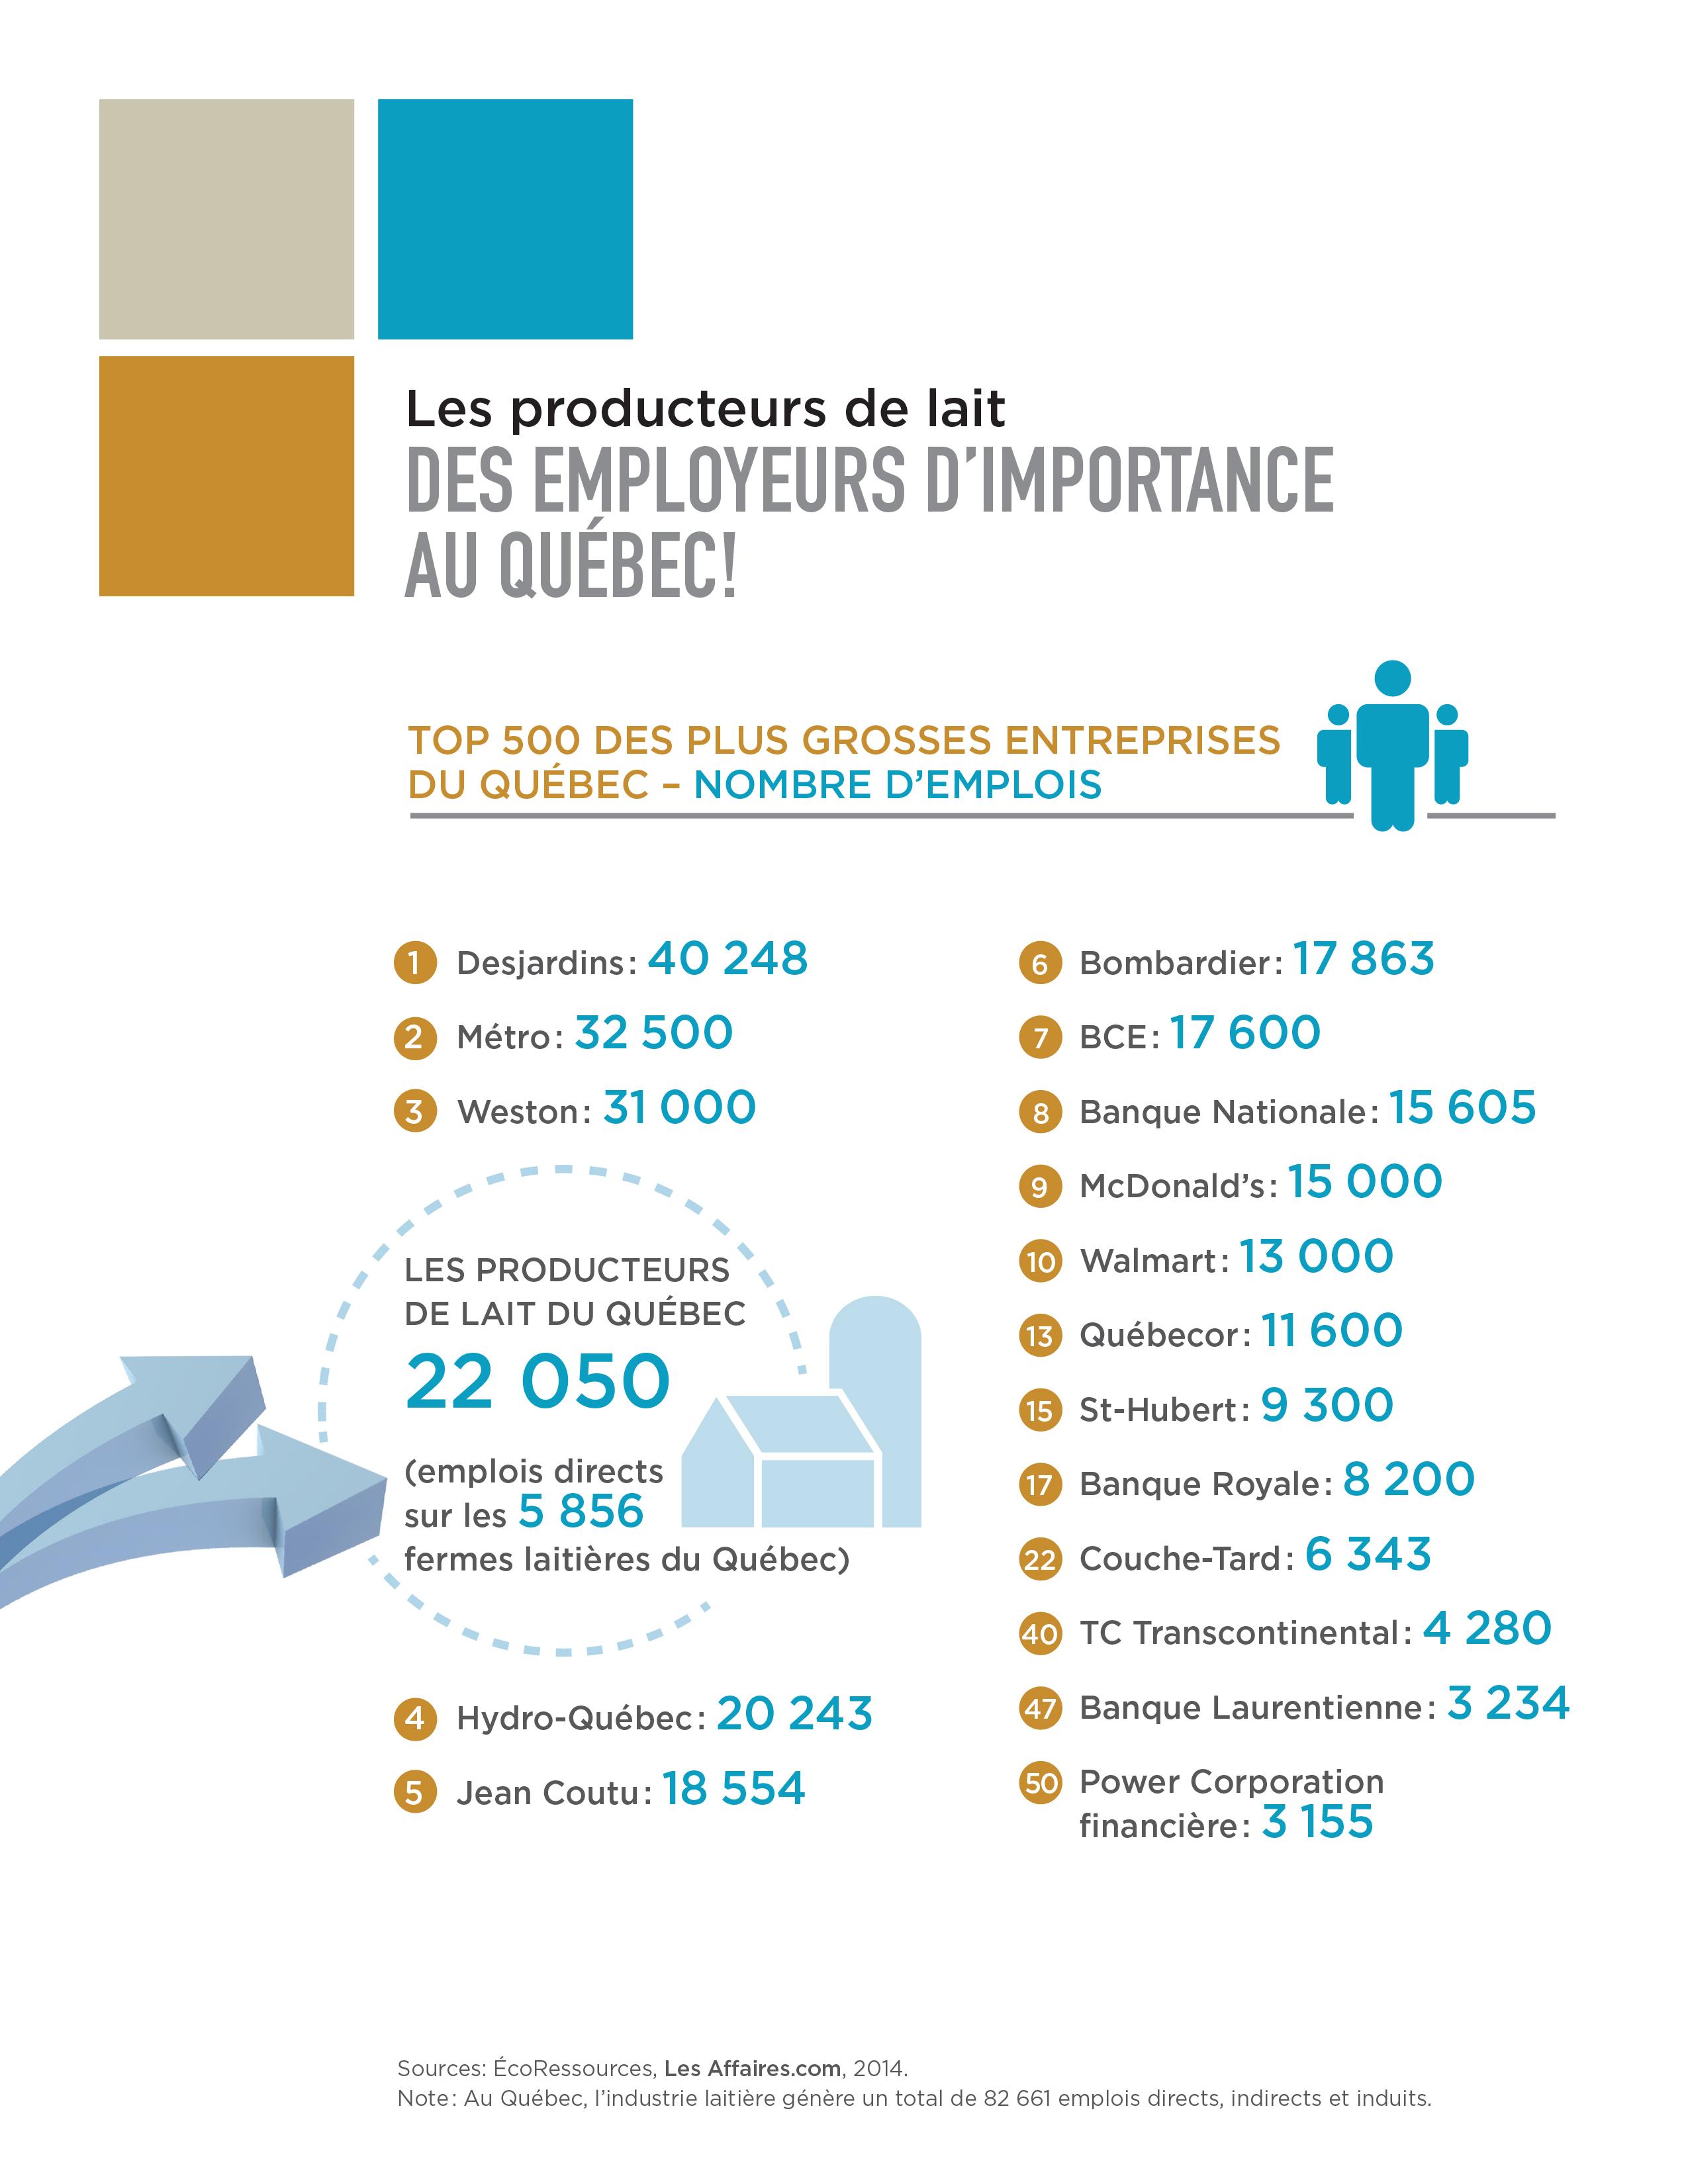 Infographie : Les producteurs de lait, des employeurs d'importance au Québec!